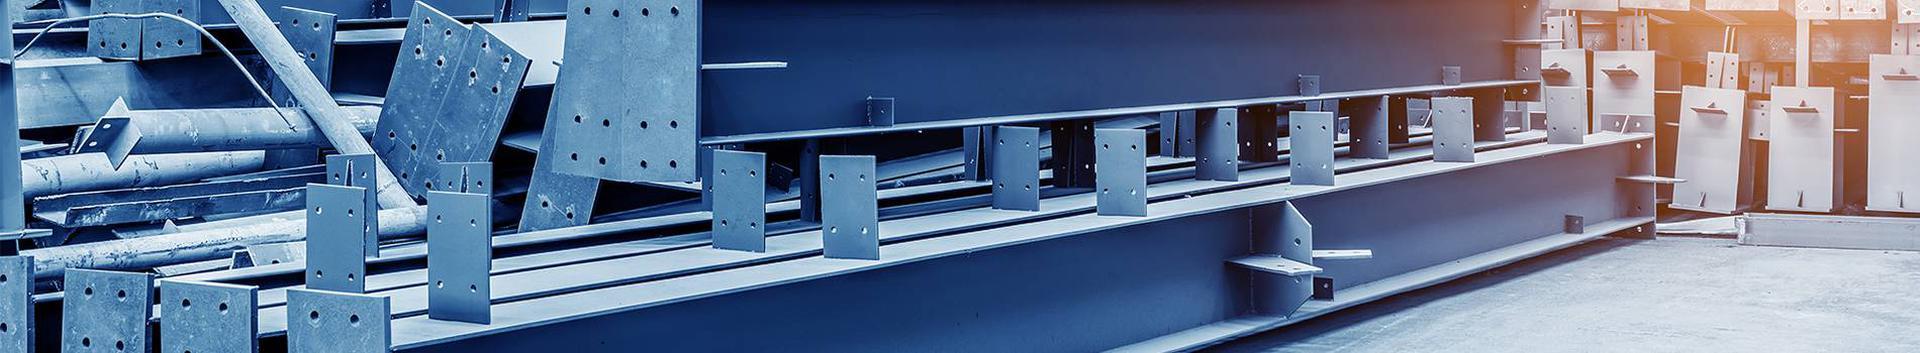 2511_metallkonstruktsioonide-tootmine_37096022_xl.jpg